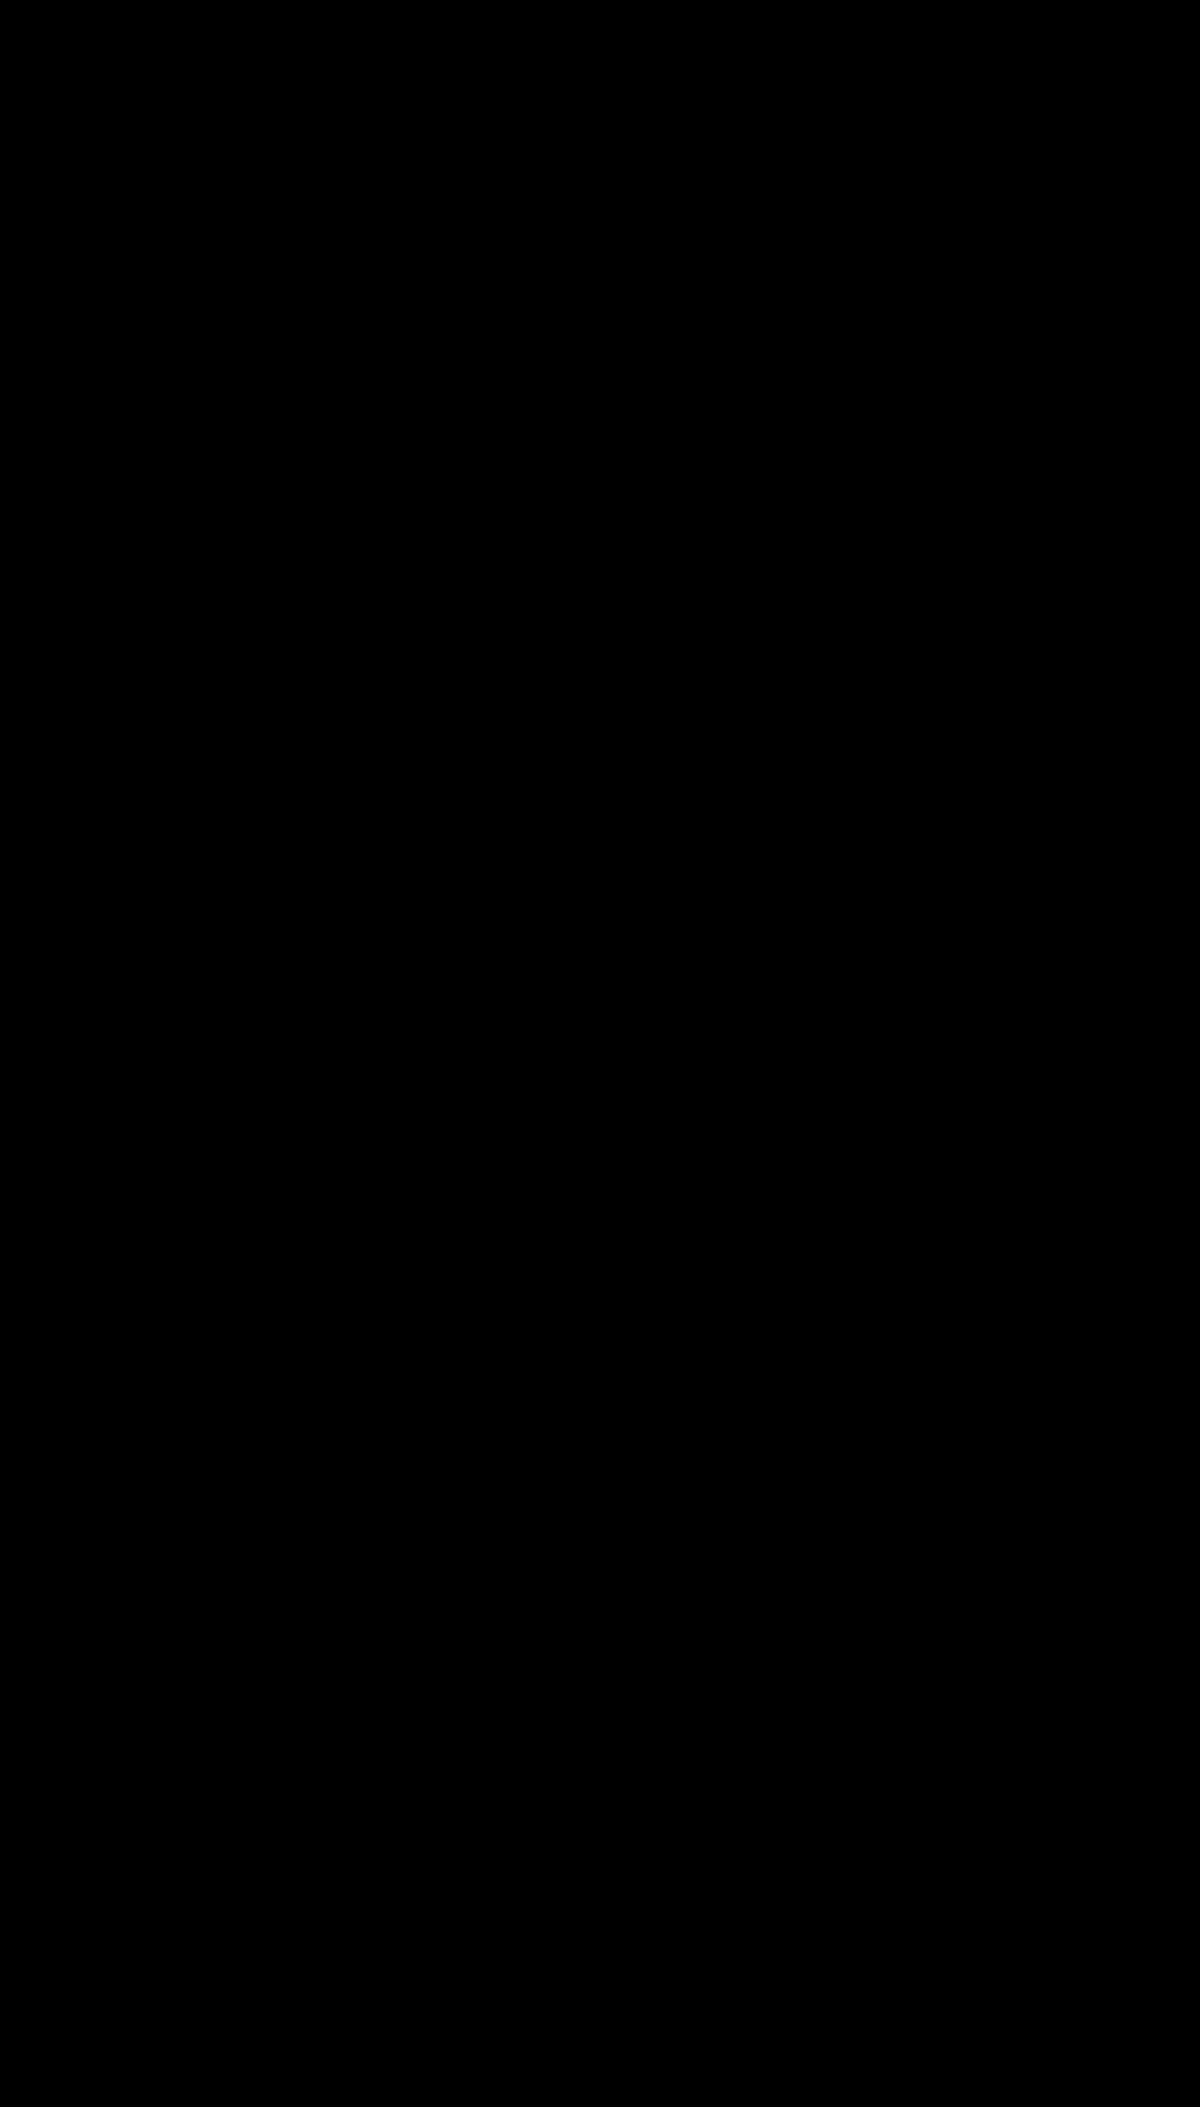 a pénisz szimbólumok